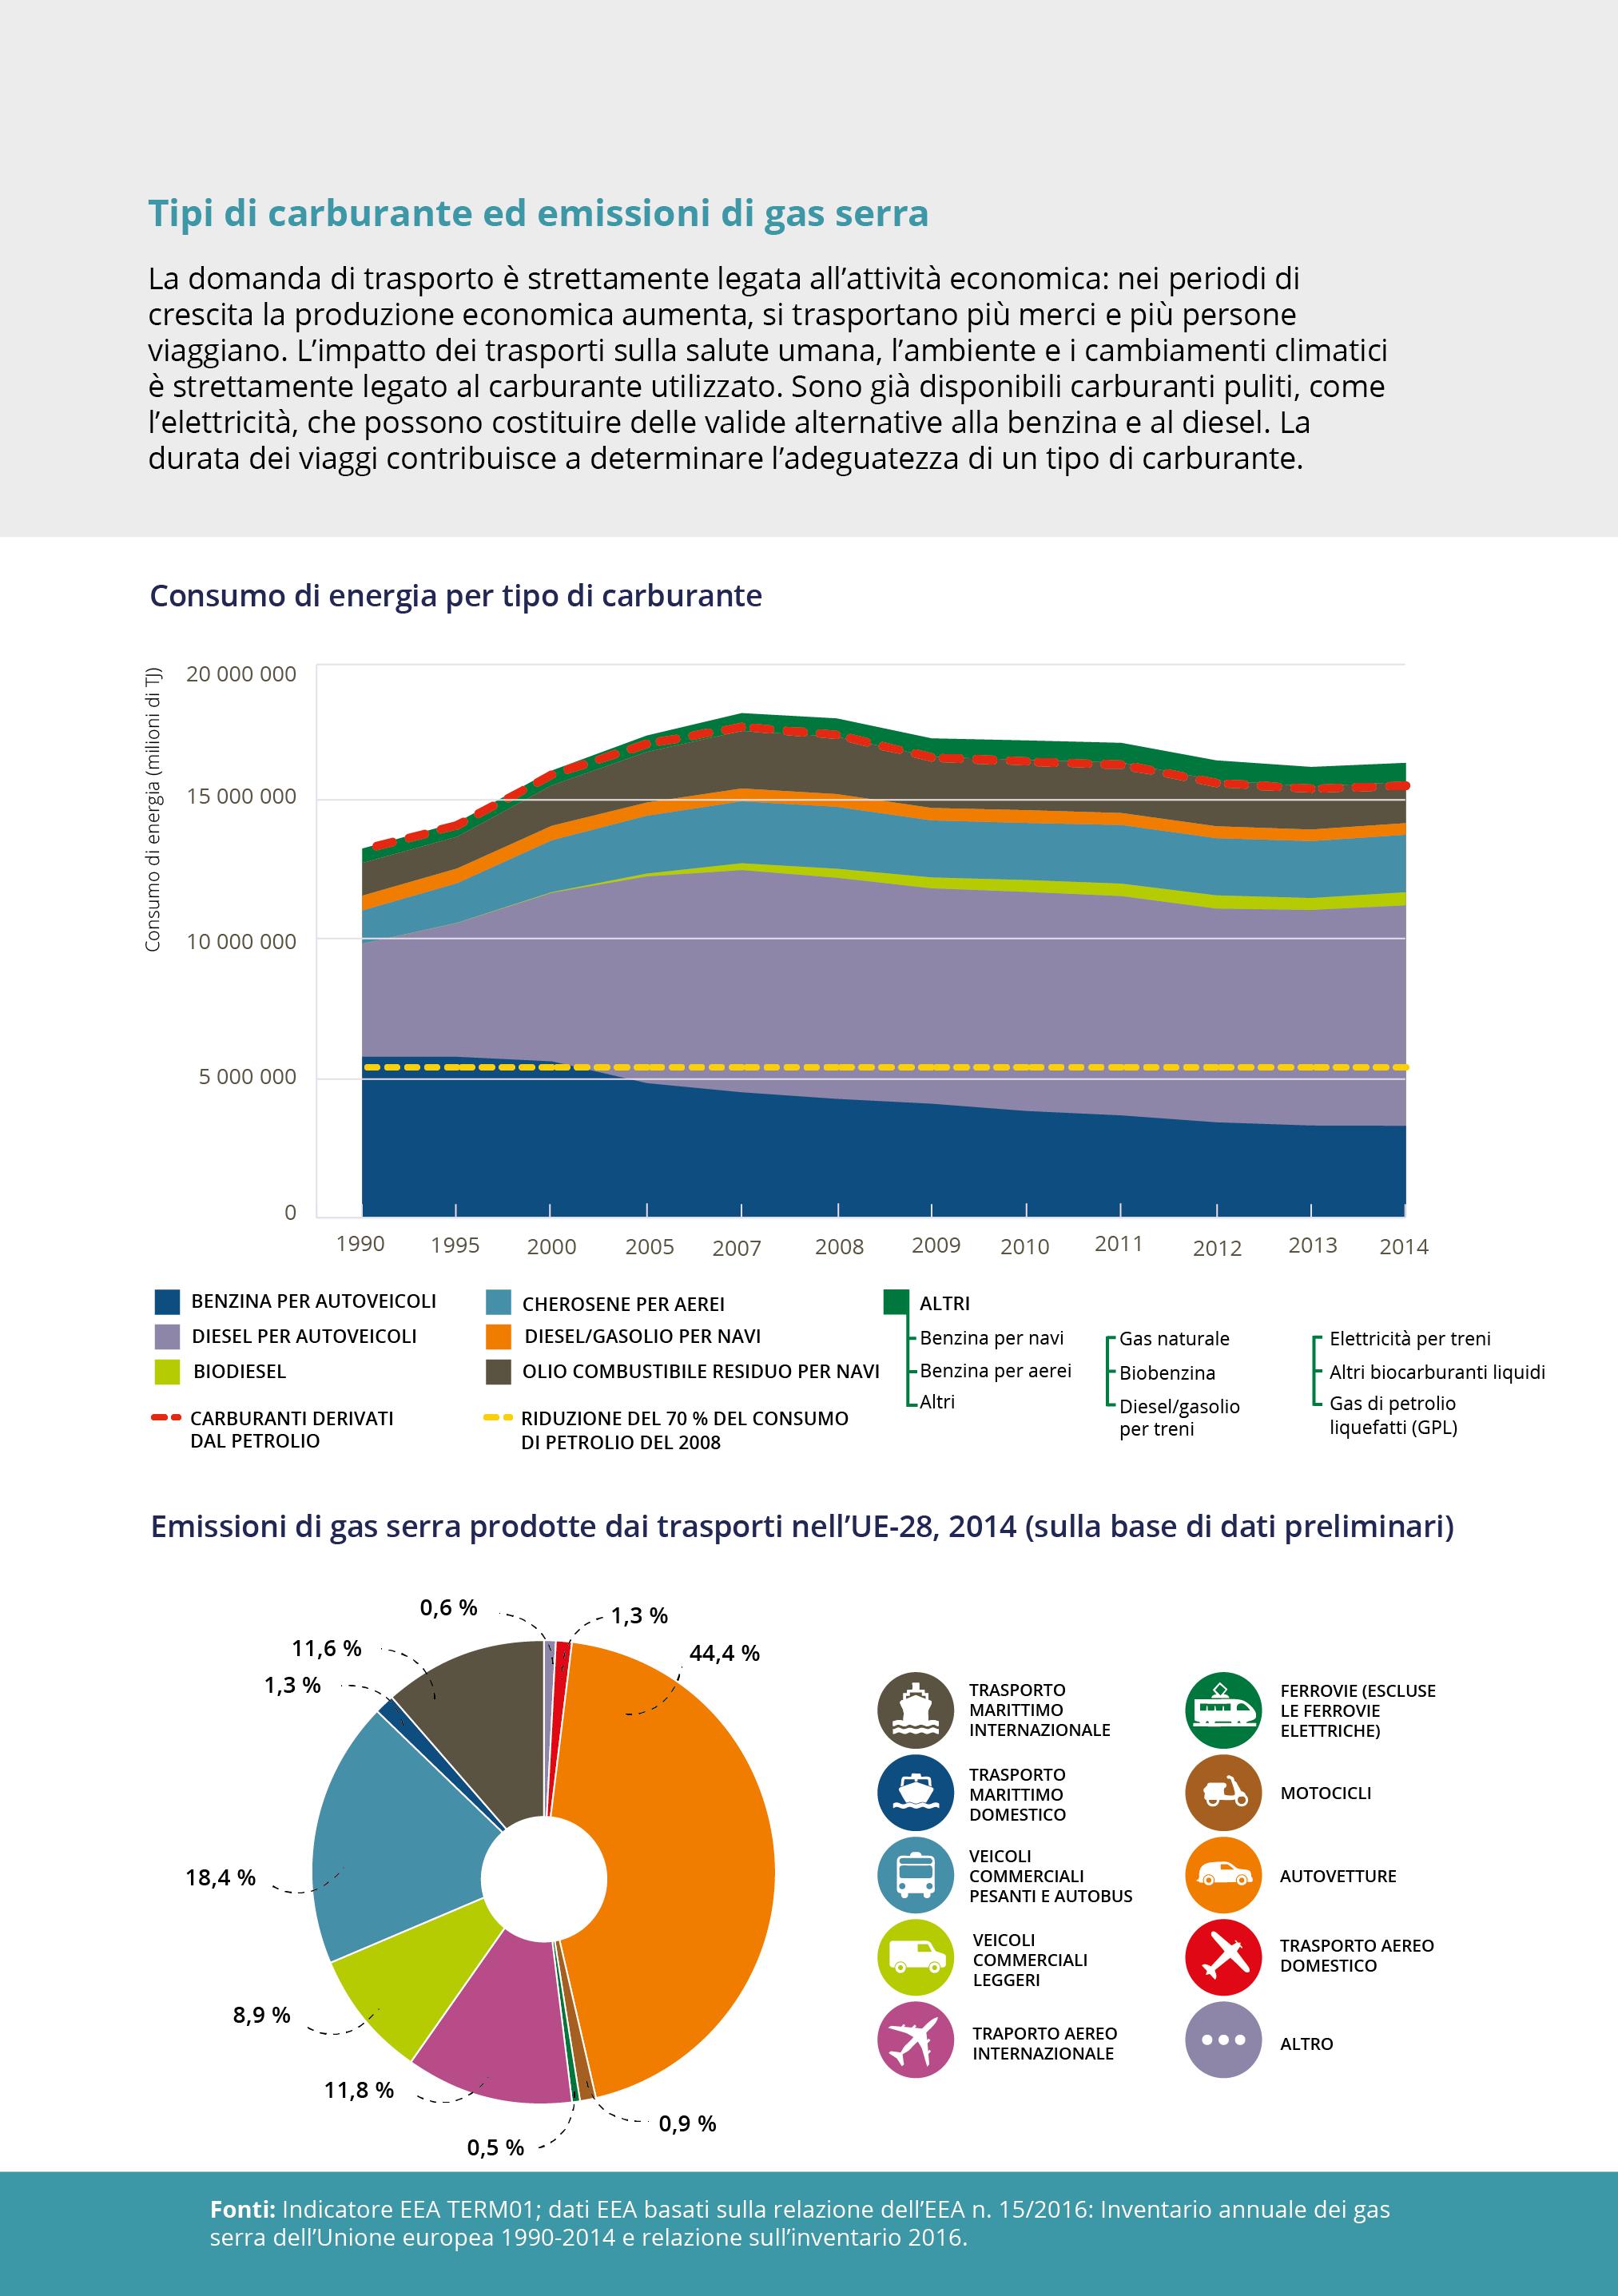 Tipi di carburante ed emissioni di gas serra